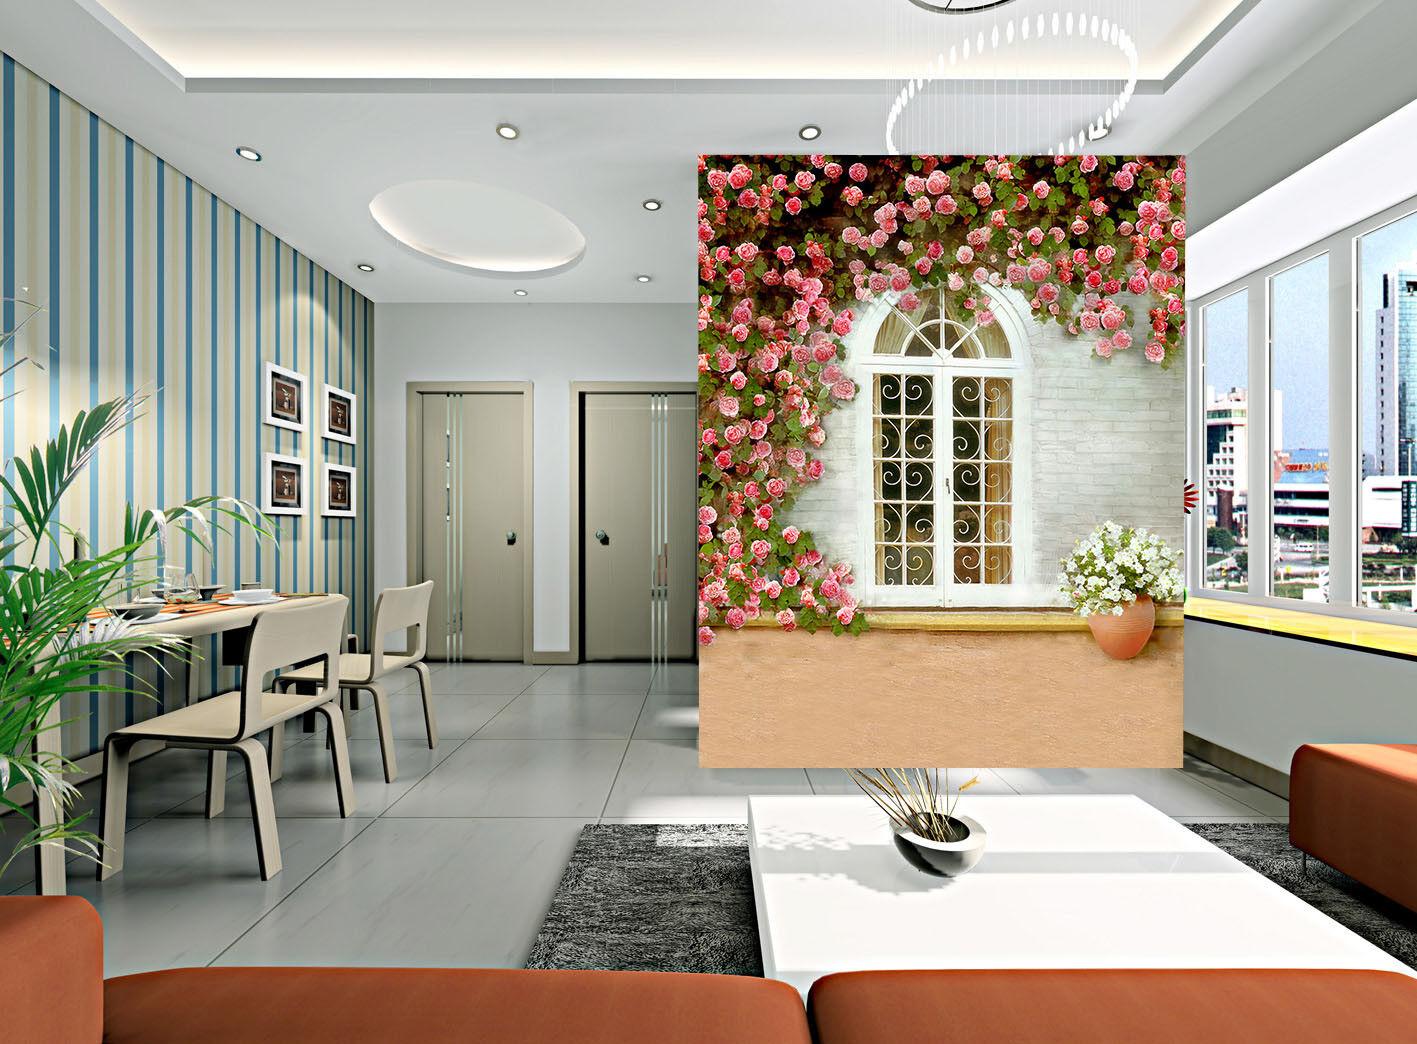 3D Rosa Rosa Fenster Fenster Fenster 89 Tapete Wandgemälde Tapete Tapeten Bild Familie DE Summer | Stil  | Up-to-date-styling  | Fierce Kaufen  88c4e3